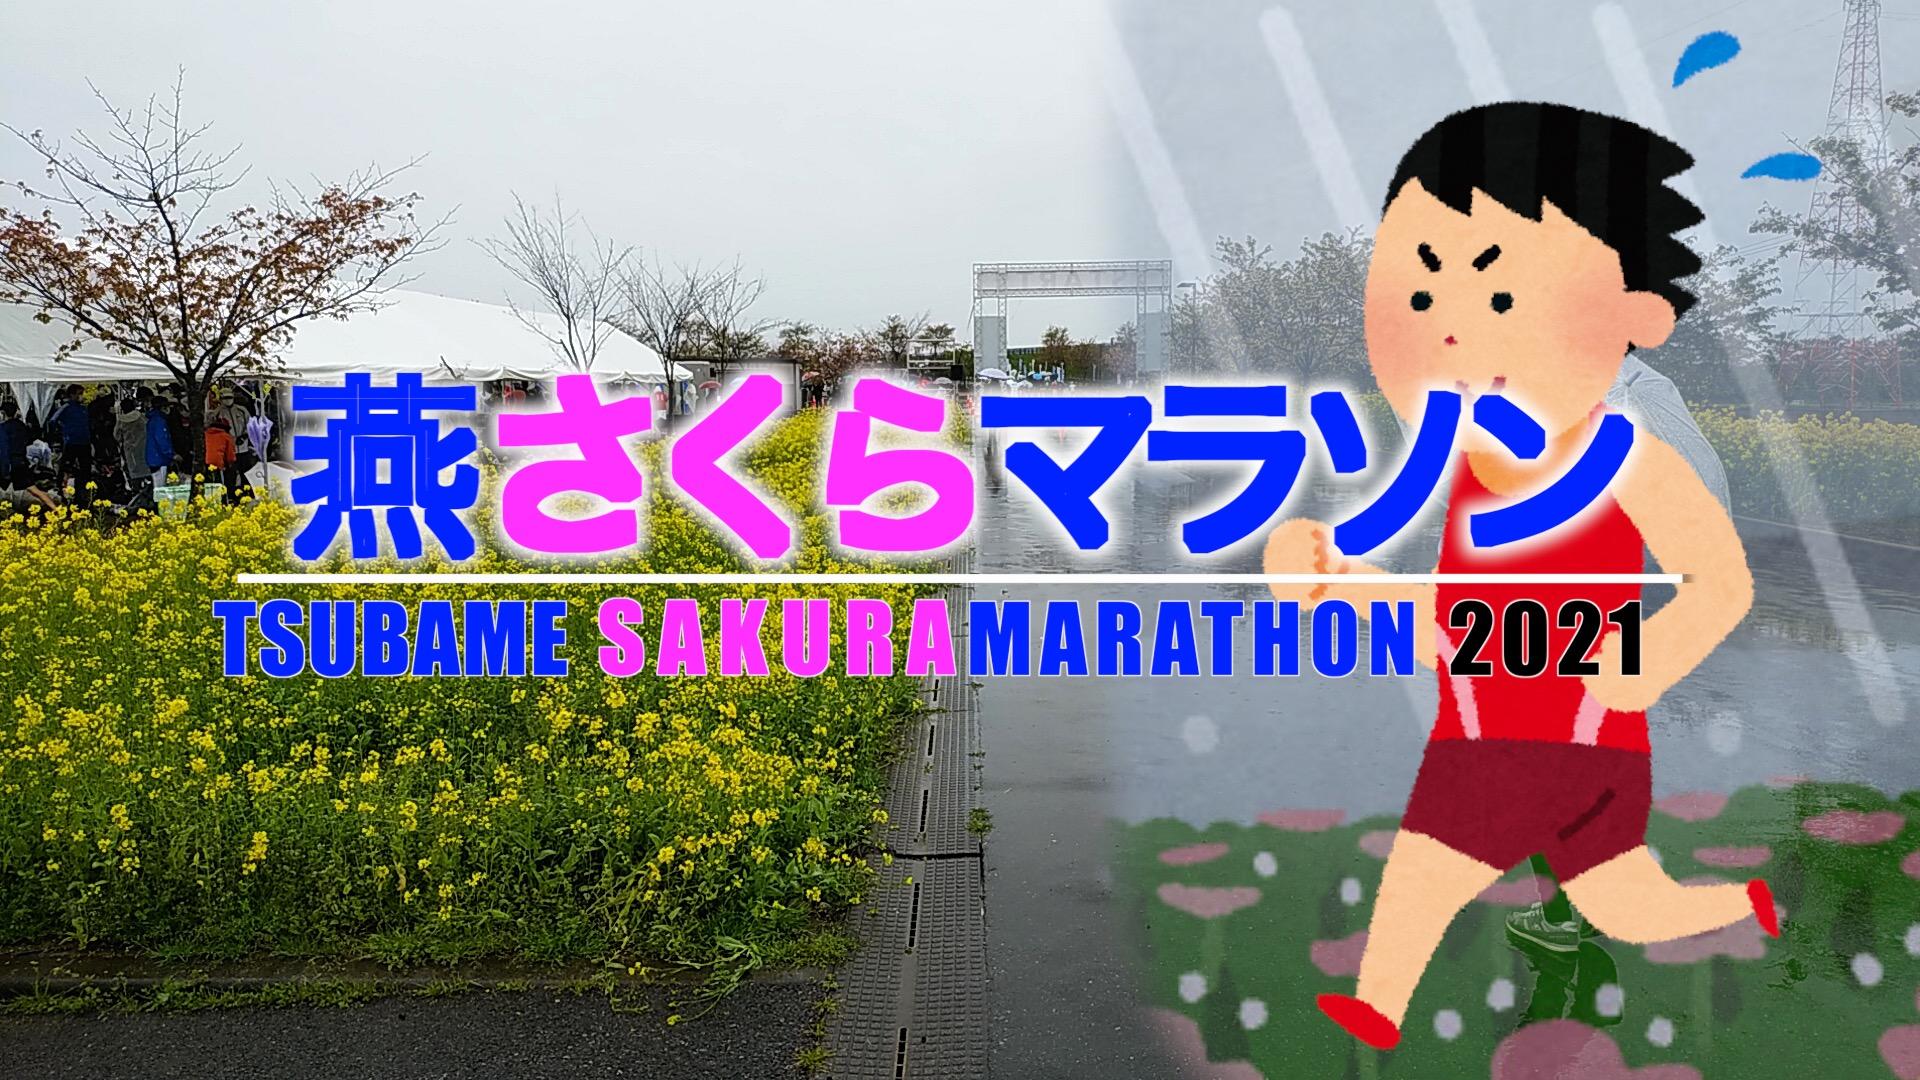 燕さくらマラソンのアイキャッチ画像